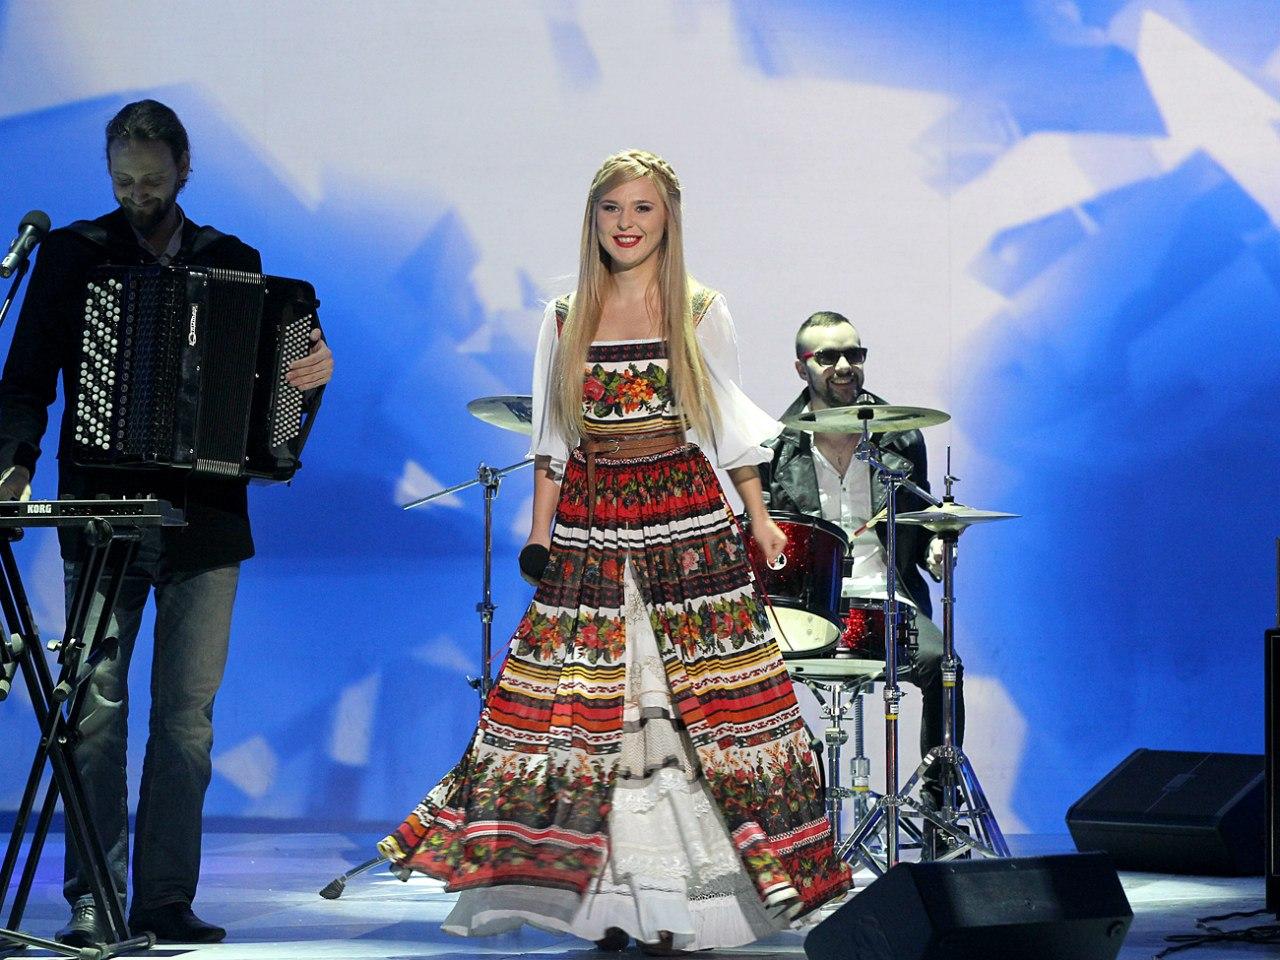 Вдохновение. Пелагея. Русский стиль